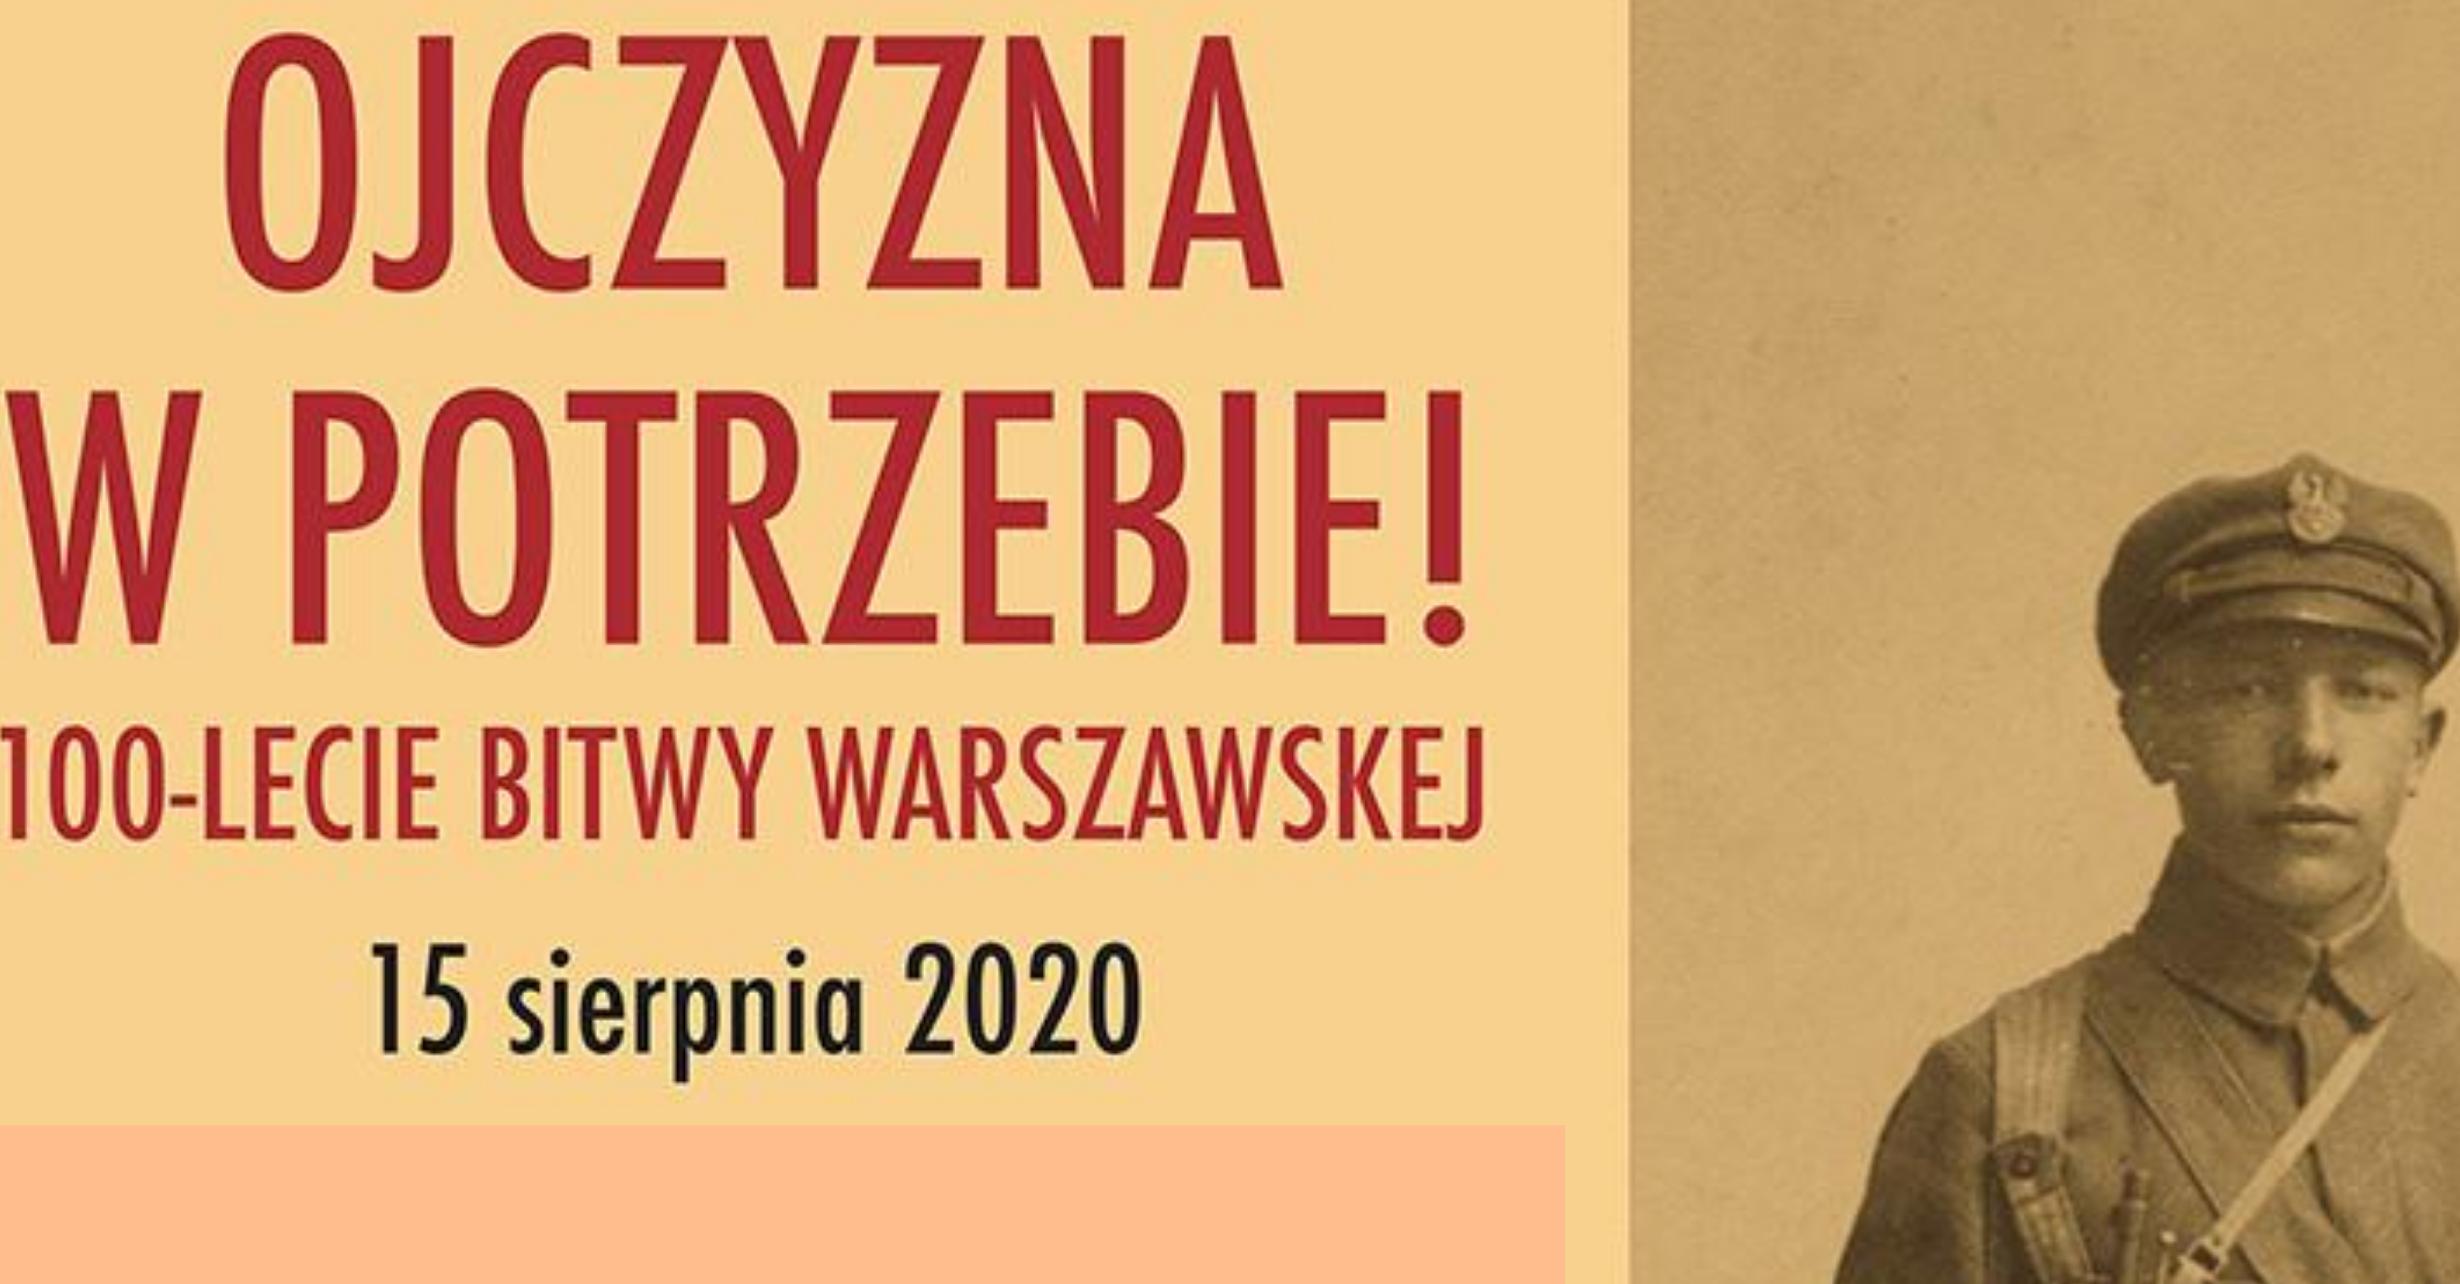 100-lecie Bitwy Warszawskiej - będą uroczystości w regionie - Zdjęcie główne